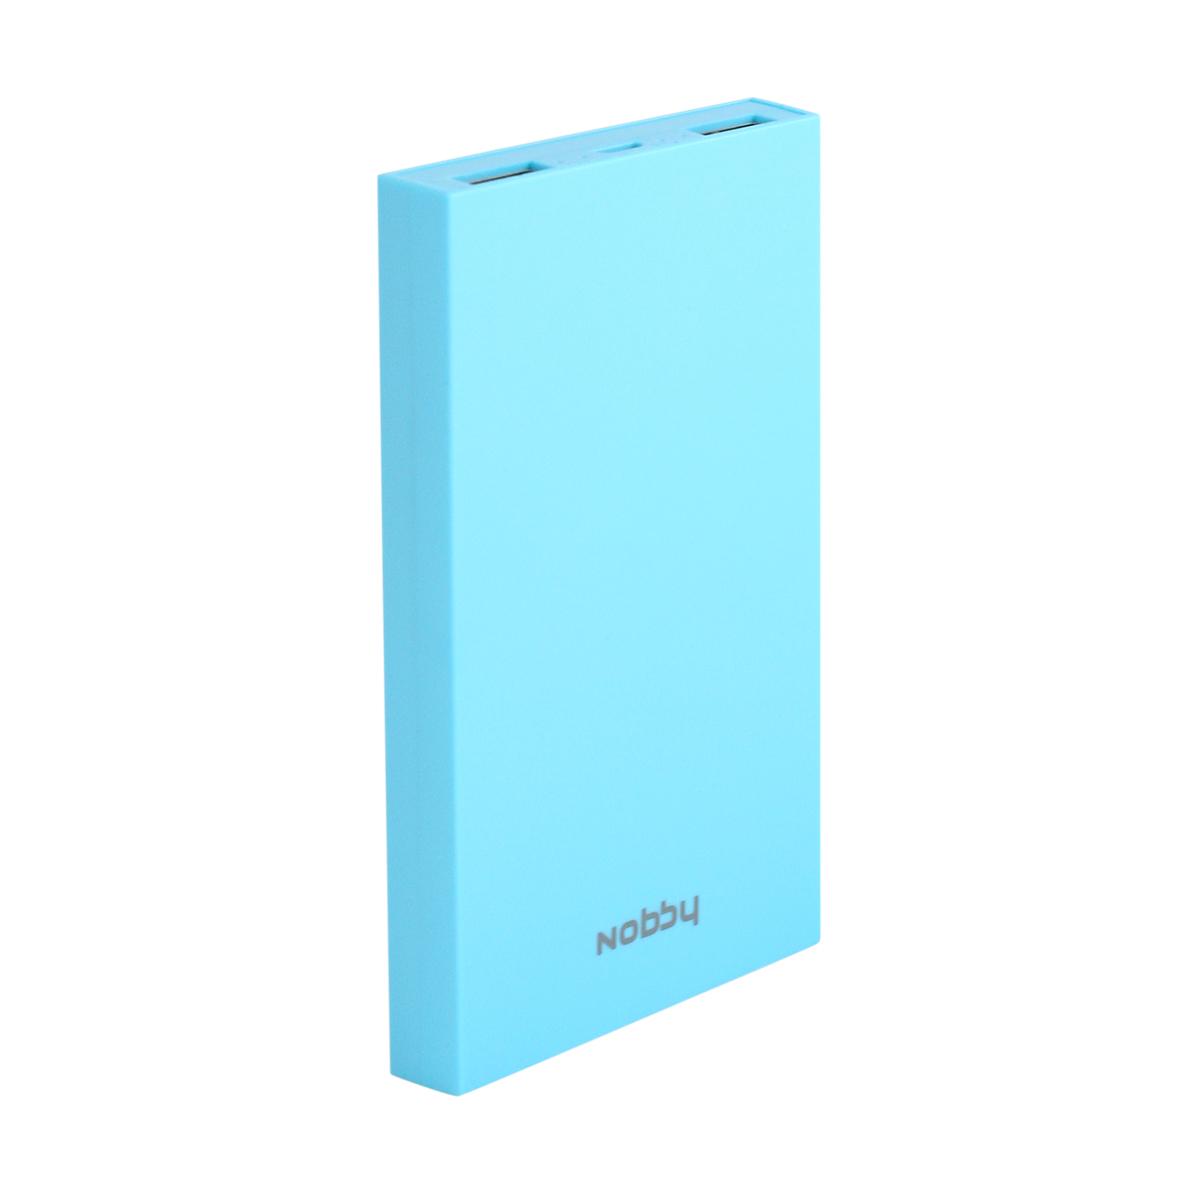 Nobby Practic 029-001, Blue внешний аккумулятор (8000 мАч)9719Цветная серия с возможностью создания индивидуального дизайна, индикация уровня заряда с функцией Shake; 8000 мАч; Li-pol; 2USB; общий макс. выход. ток 2А; макс. ток на 1 выход 2А; выход. напряжение 5В; вход. сила тока 2А; вход. напряжение 5В; время зарядки 4 ч; 6 степеней защиты: от короткого замыкания, перегрузки по току, перегрузки по напряжению, перезаряда, глубокого разряда, перегрева; Led индикация уровня заряда; пластиковый корпус; в комплекте кабель USB 2.0-microUSB 20 см; набор наклеек для дизайна; 65х118х15 мм; 177г